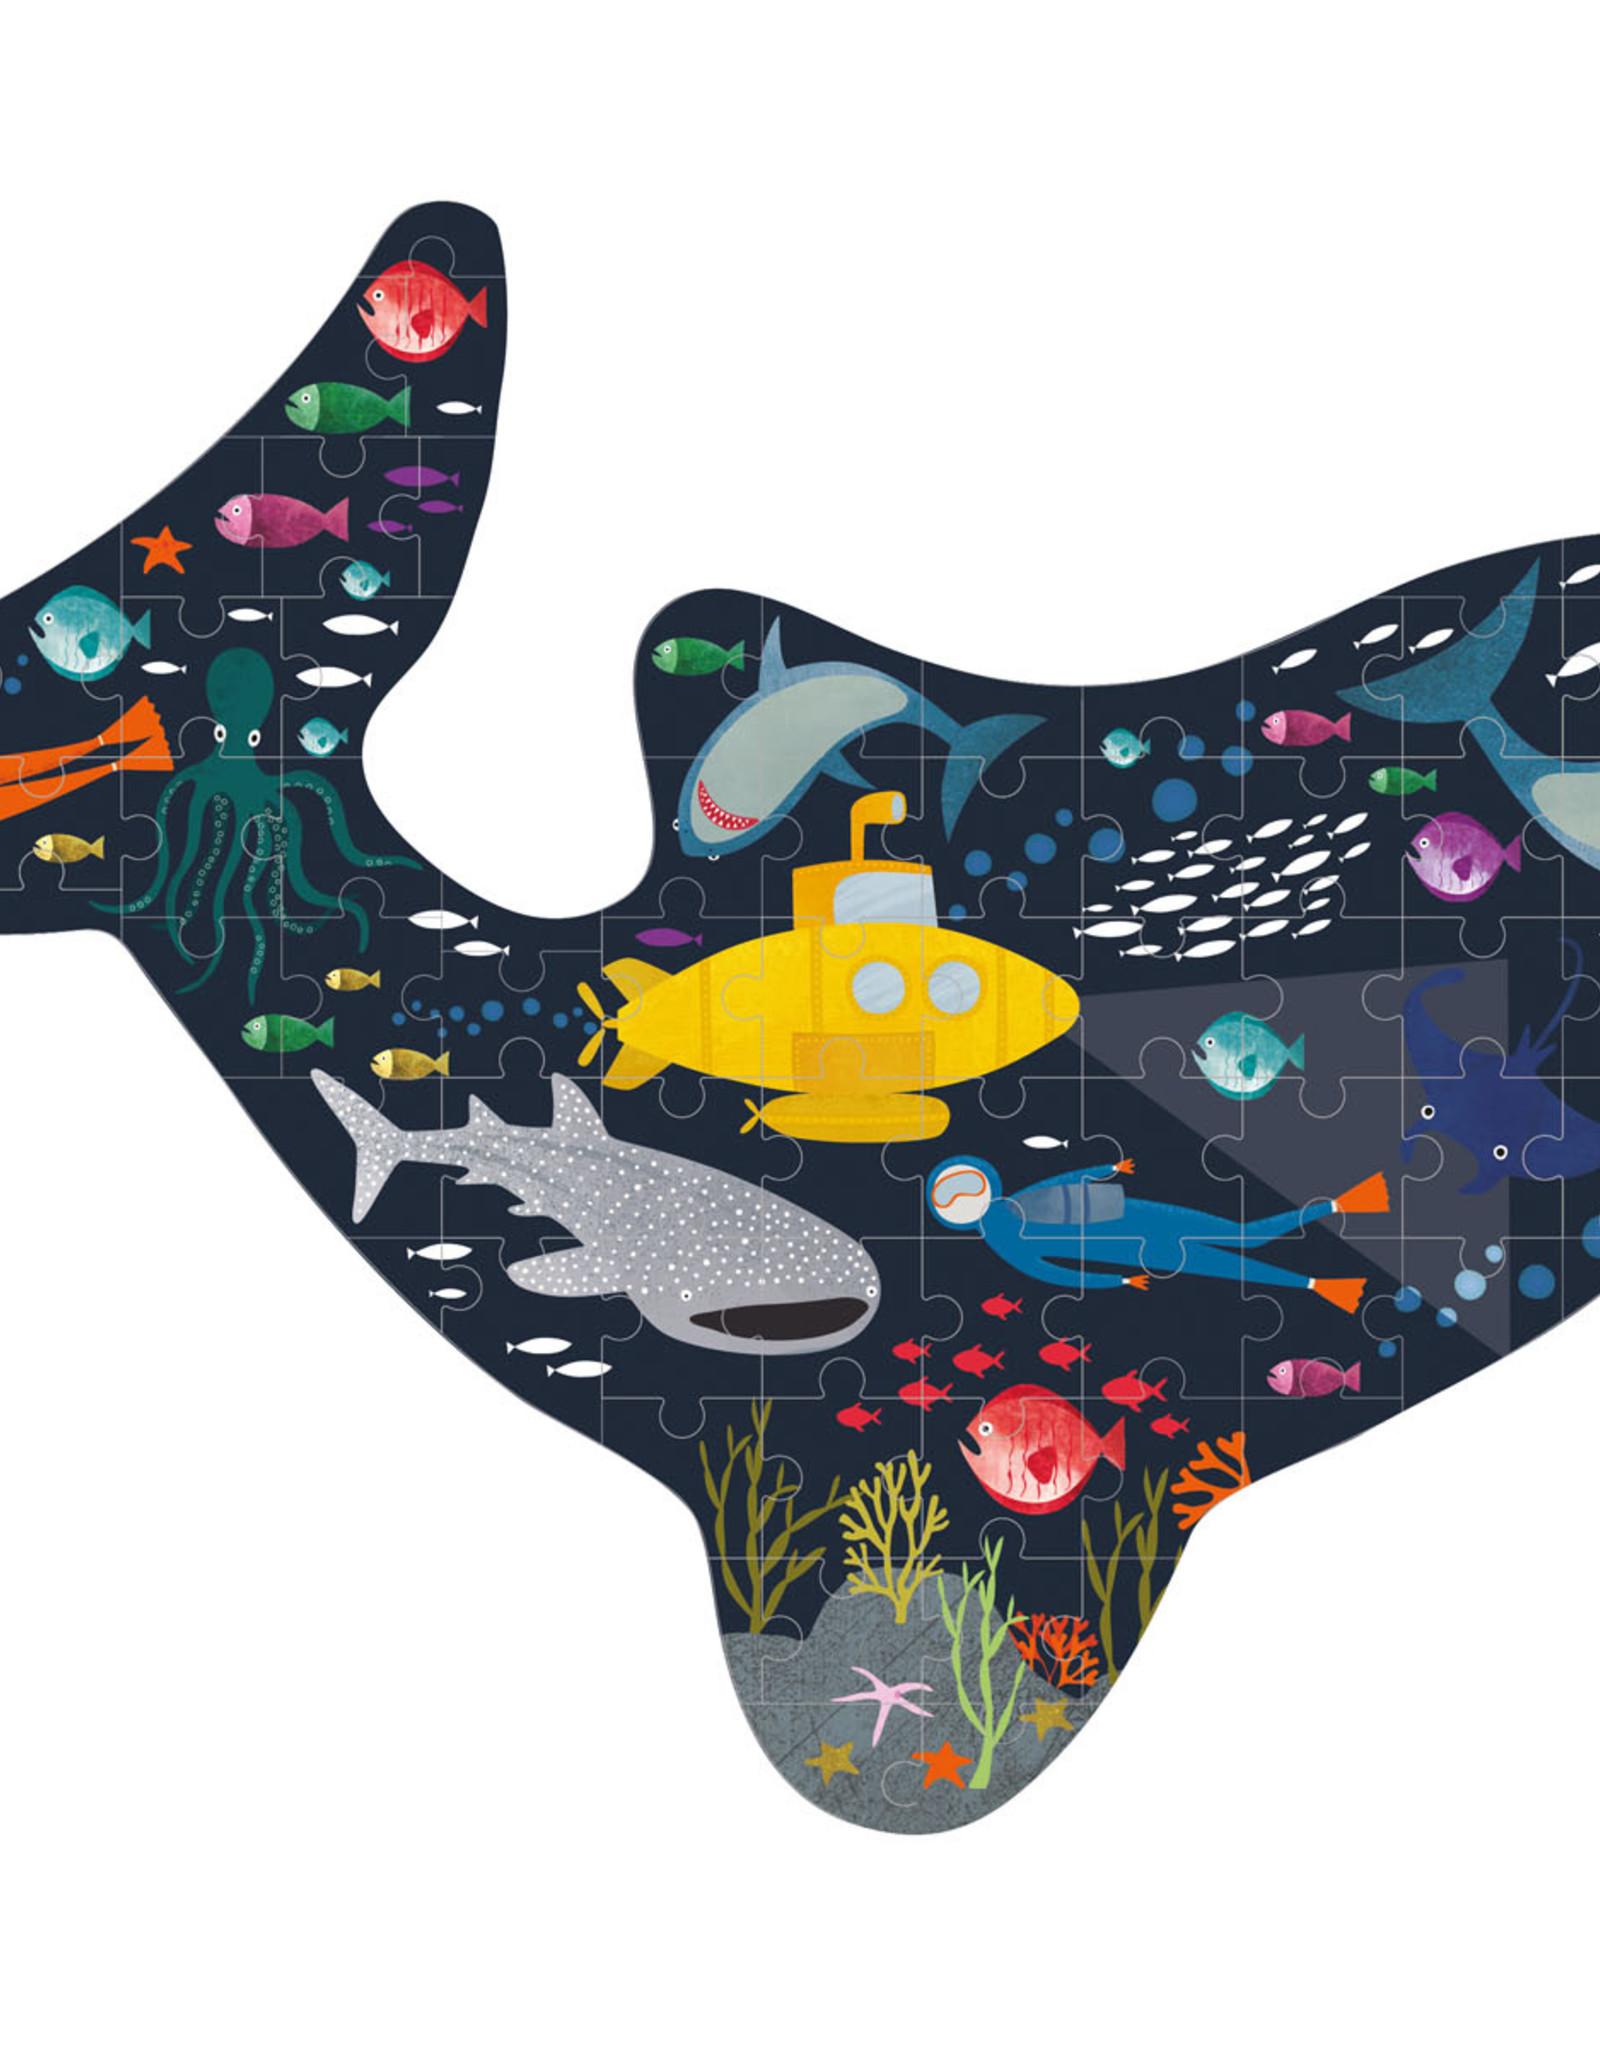 Floss & Rock Floss & Rock Deep Sea Shark Shaped Jigsaw Puzzle